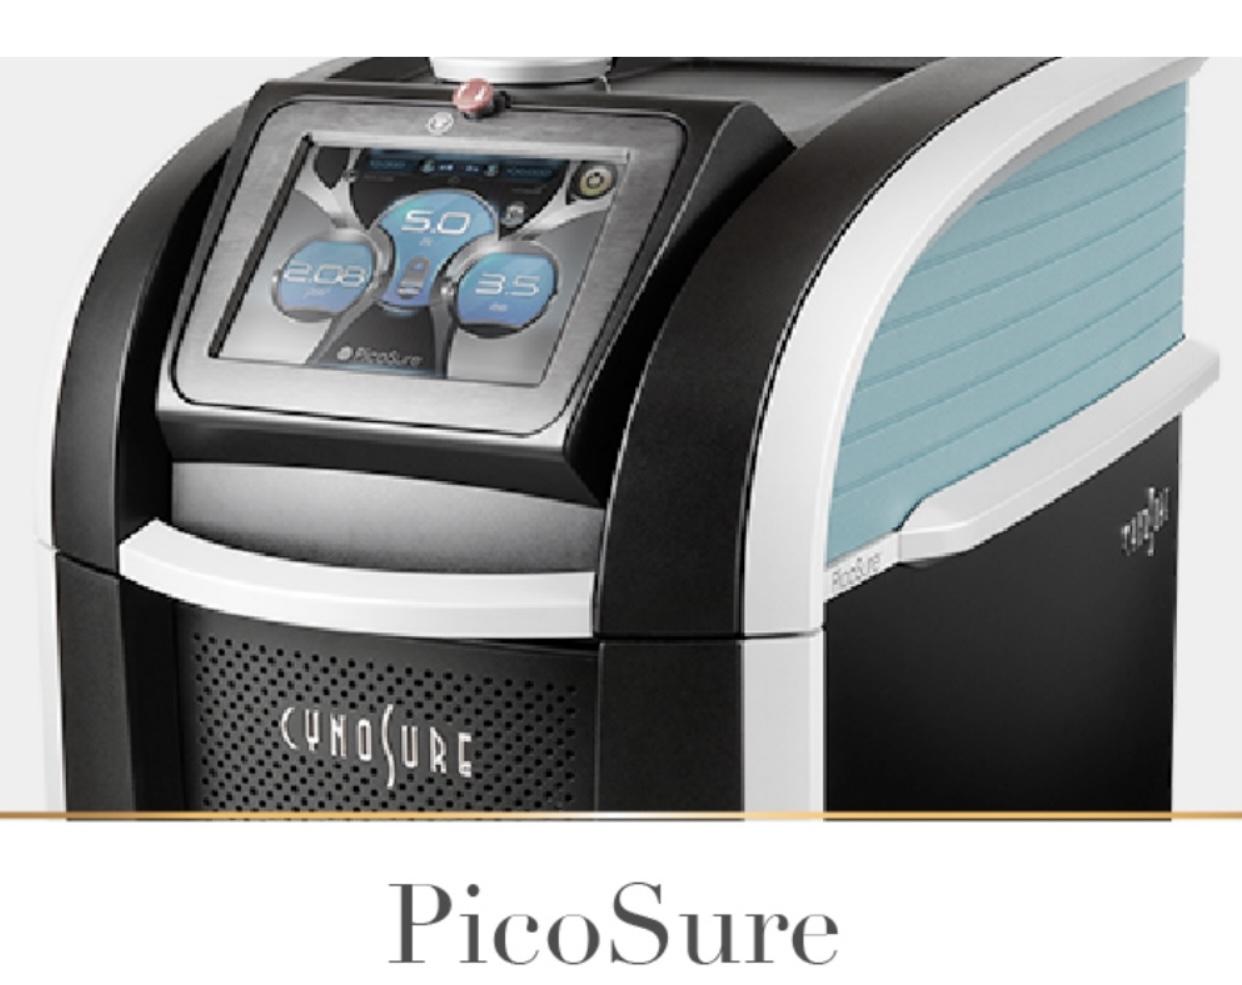 PicoSure Laser